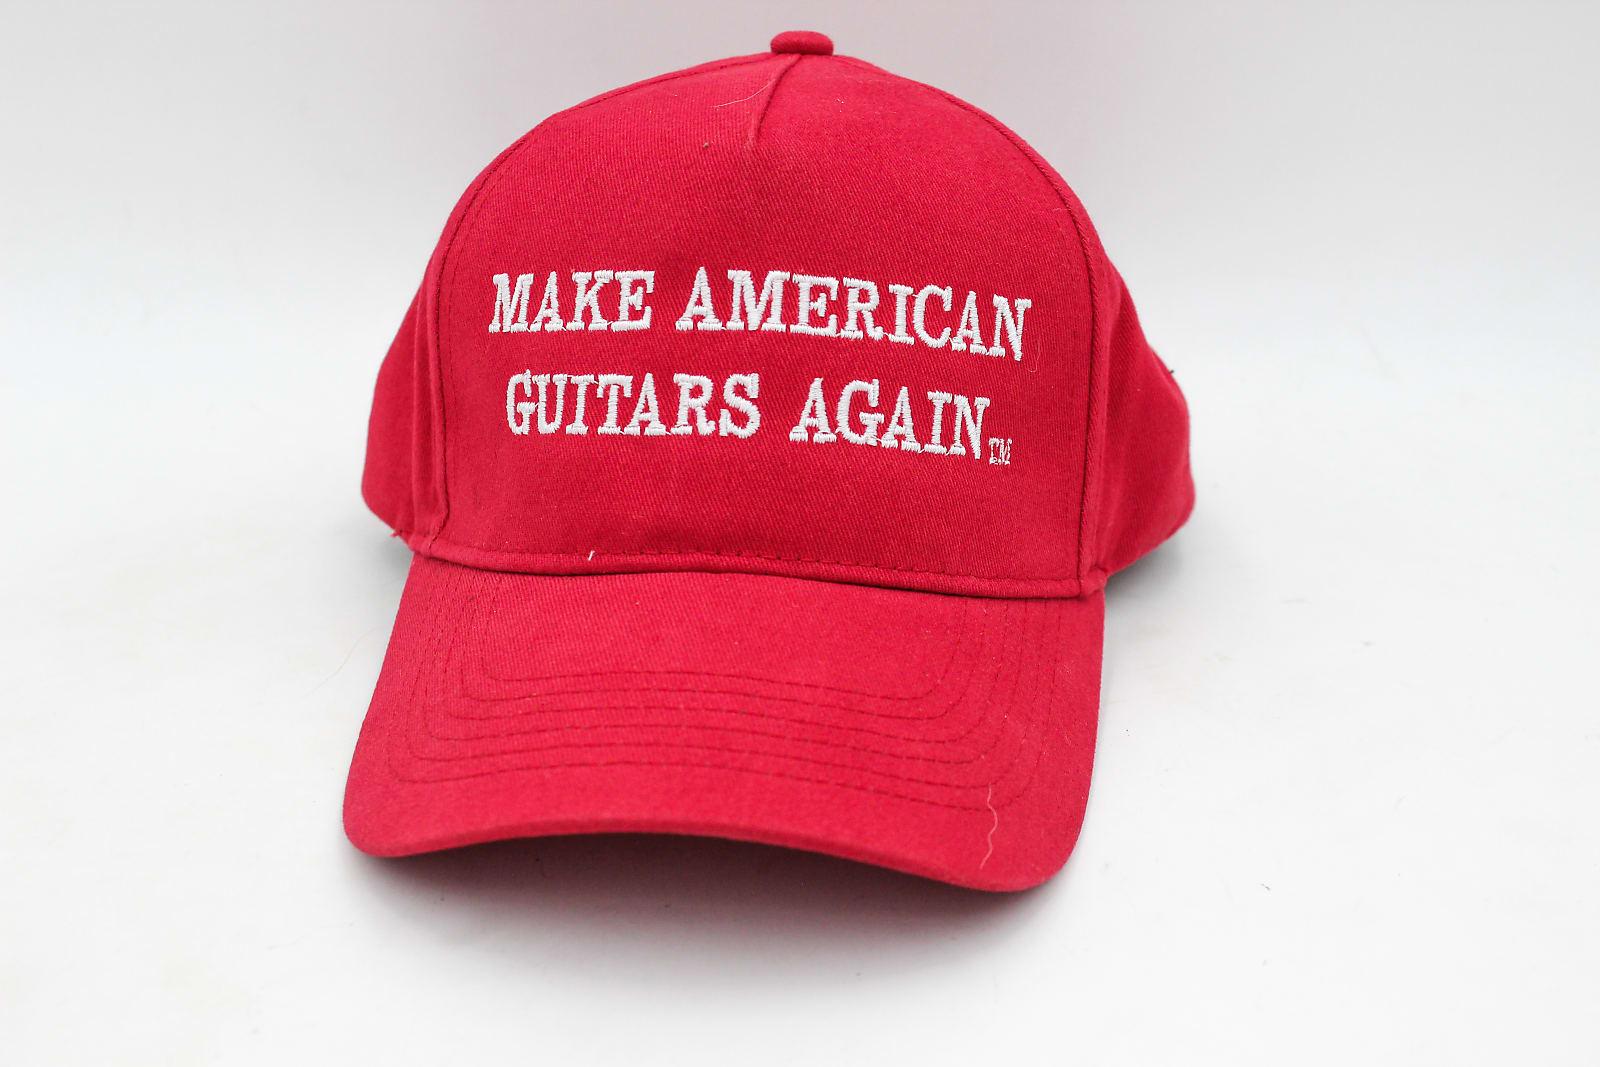 Make American Guitars Again - Awesome MAGA Hat!